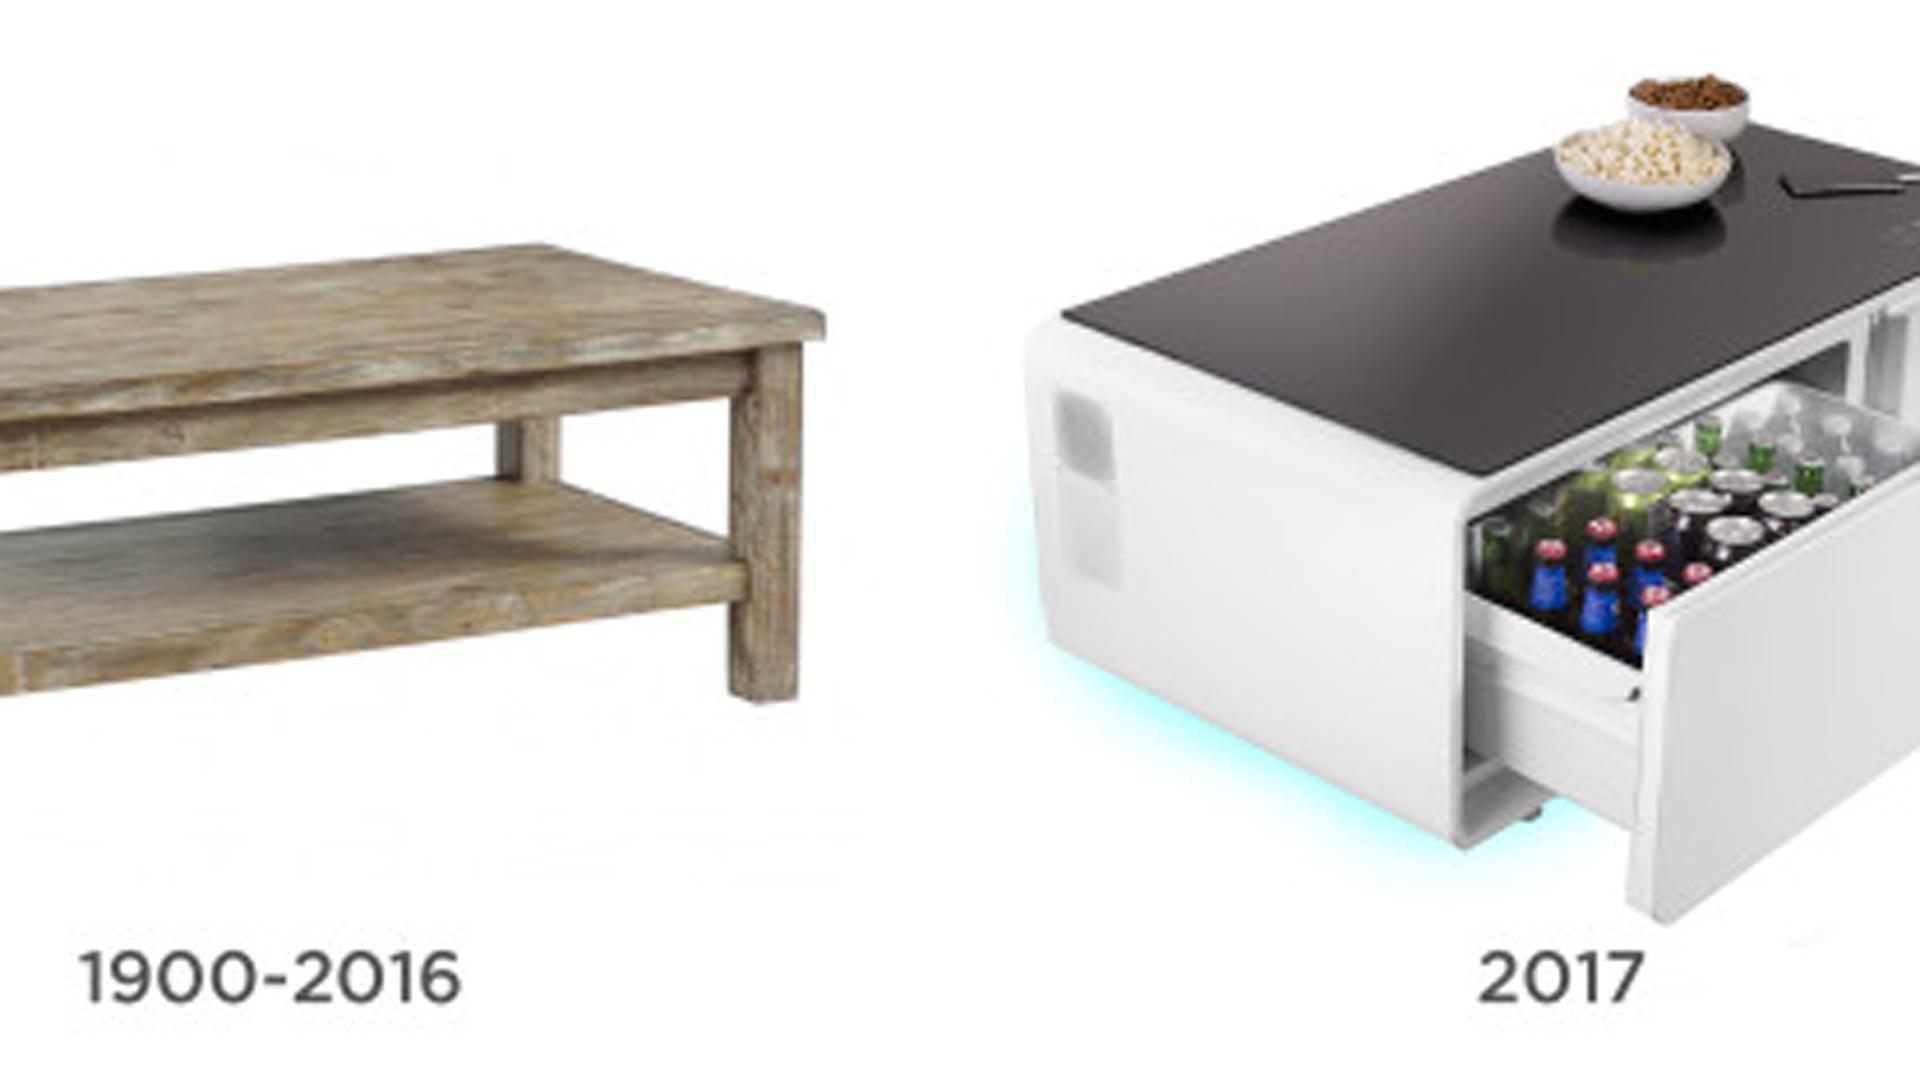 La mesa futurista que marca una nueva tendencia en el - Muebles inteligentes ...